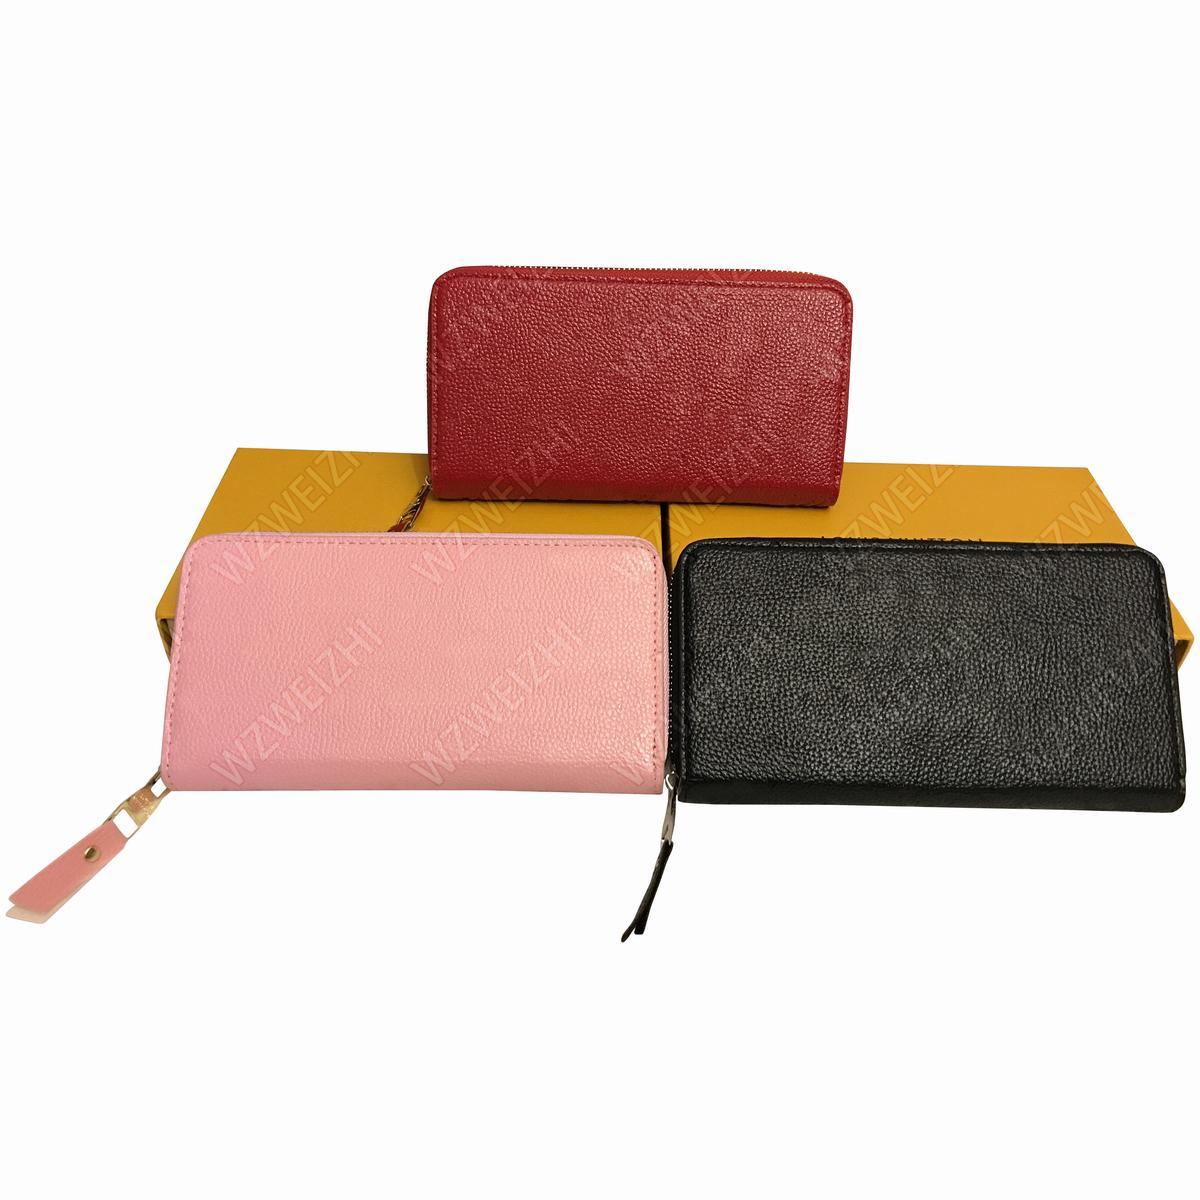 cuir embossé d'embrayage sacs à main Sacs longue fermeture éclair Porte-cartes Porte-femmes de mode sacs de messager Porte-monnaie Porte-passeport M60171